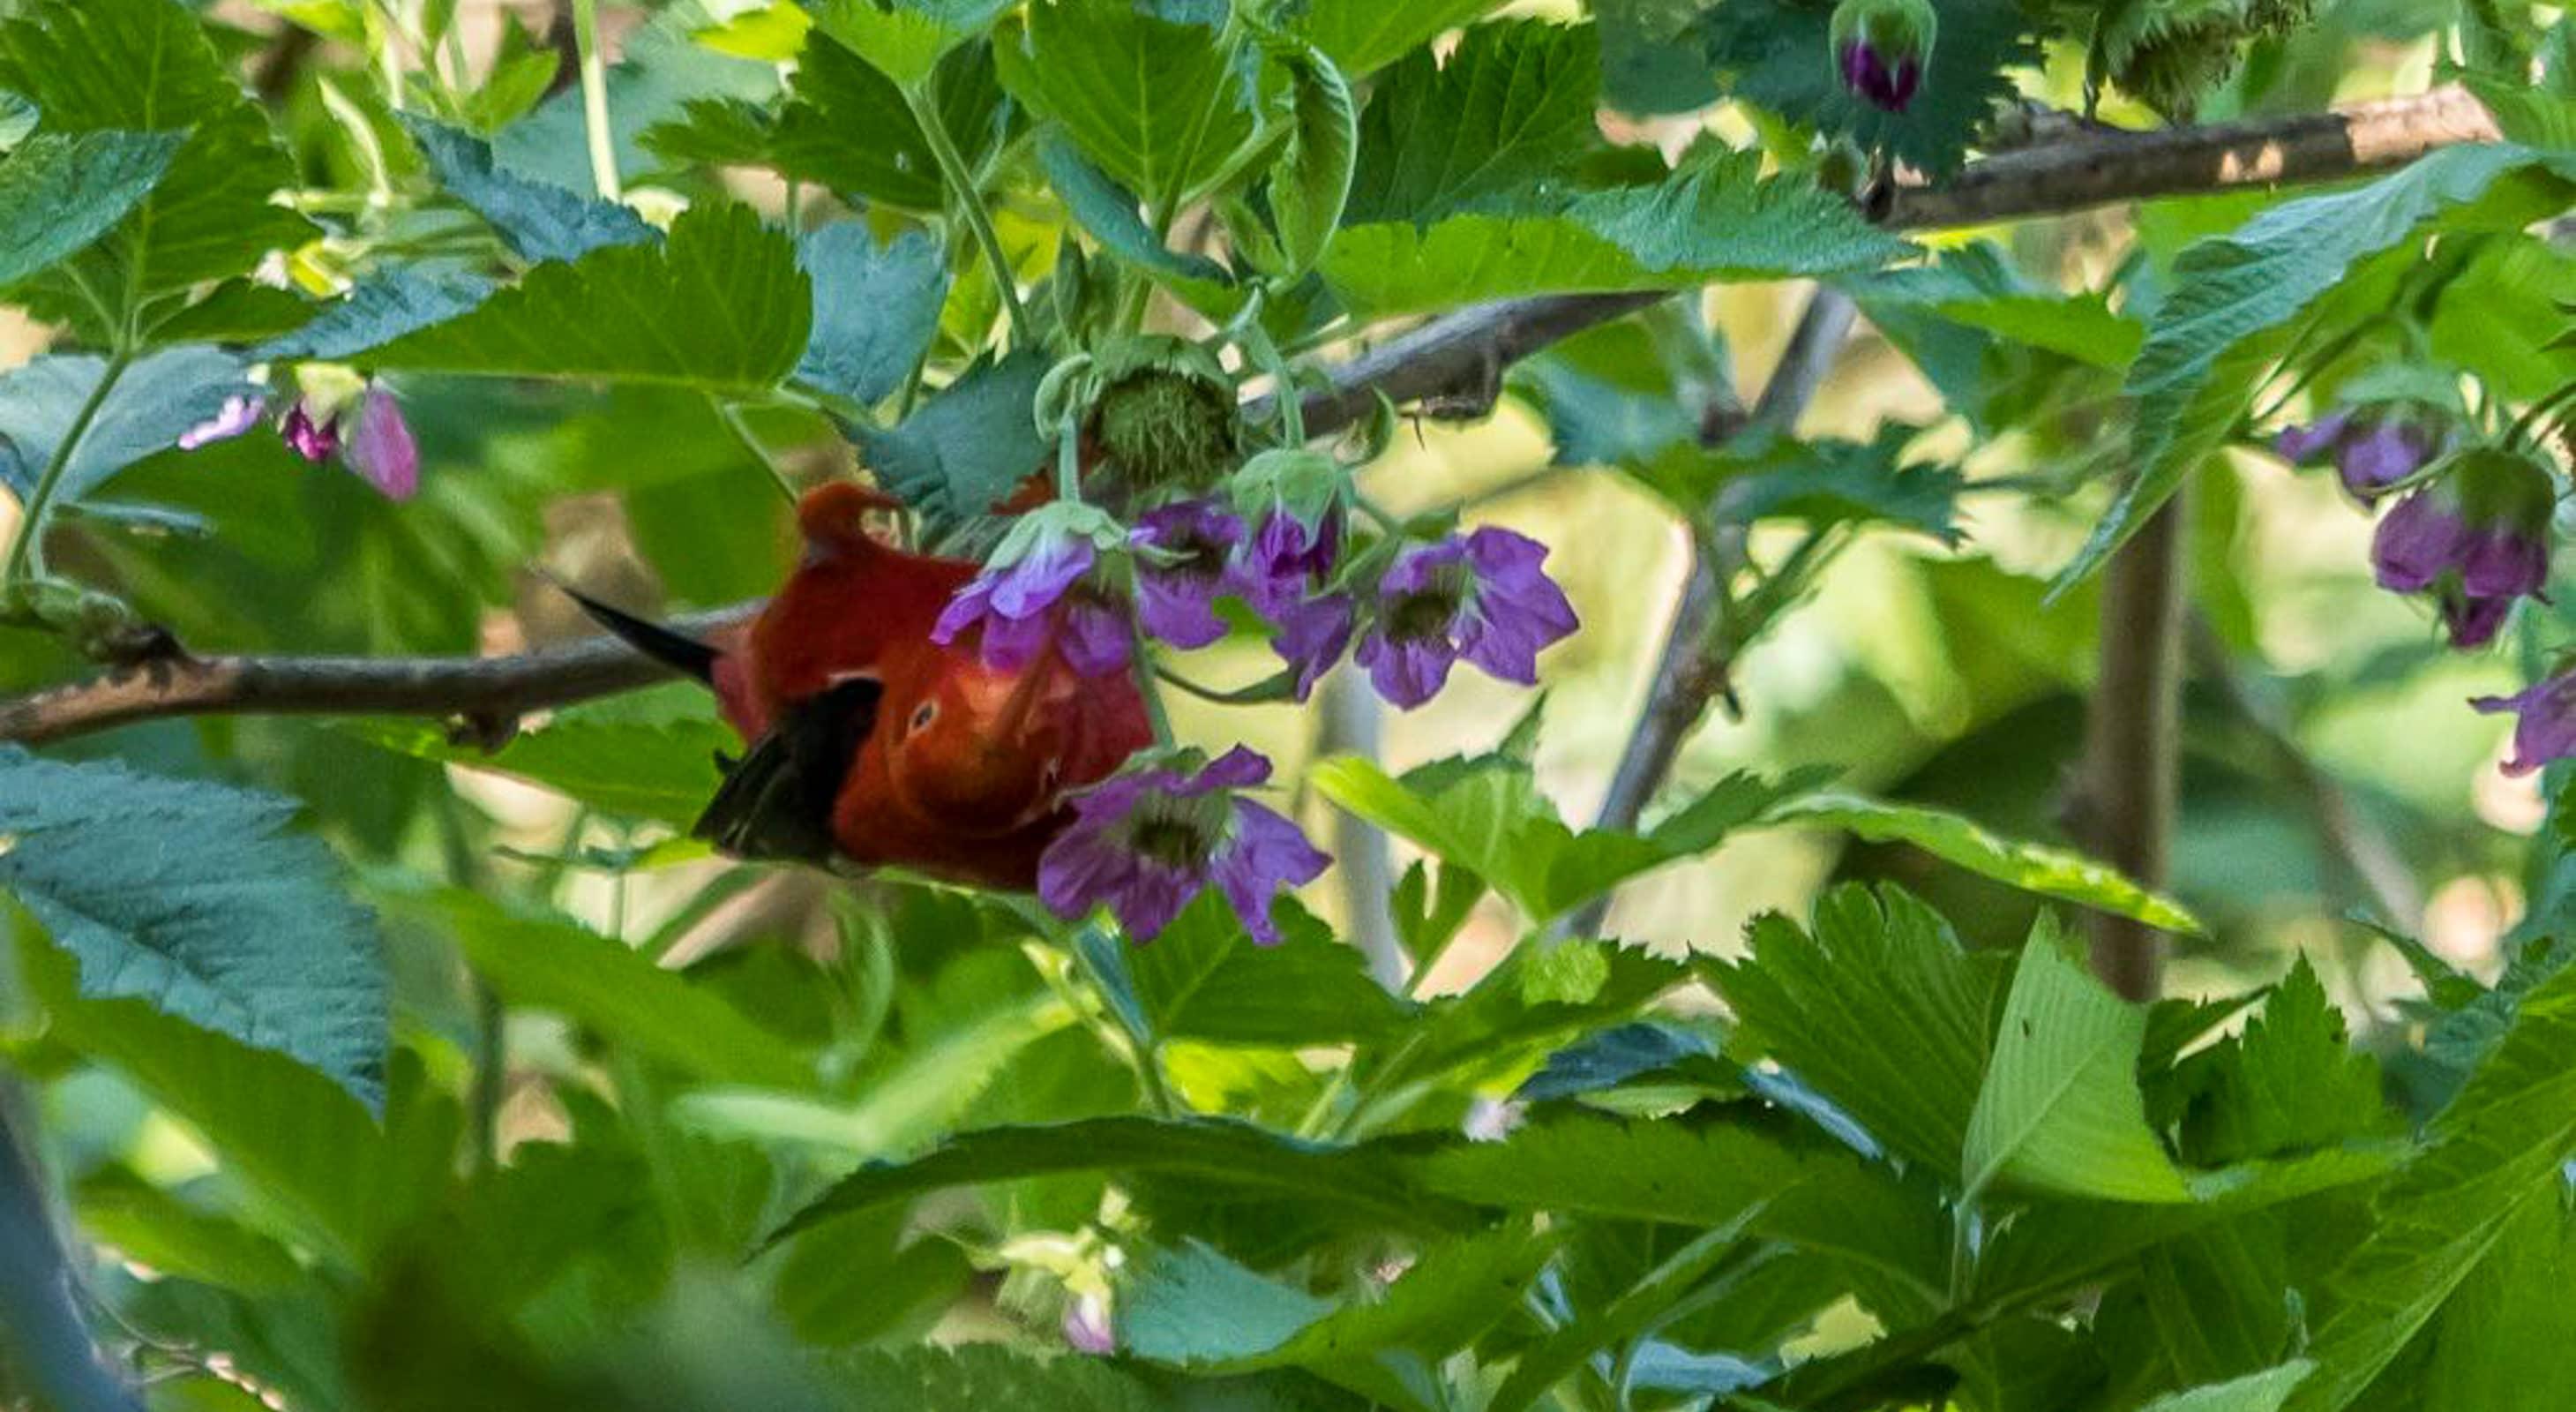 Iʻiwi feeding on berries